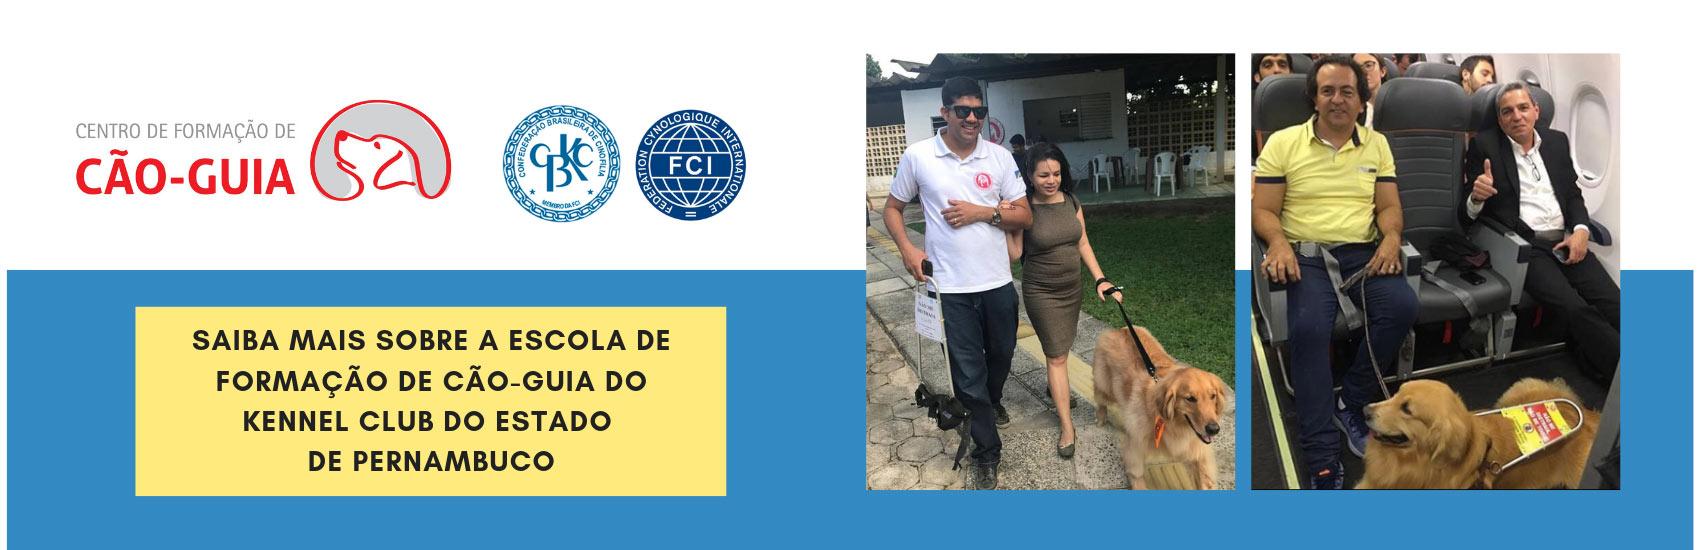 Centro de Formação de Cão Guia-17/04/2019